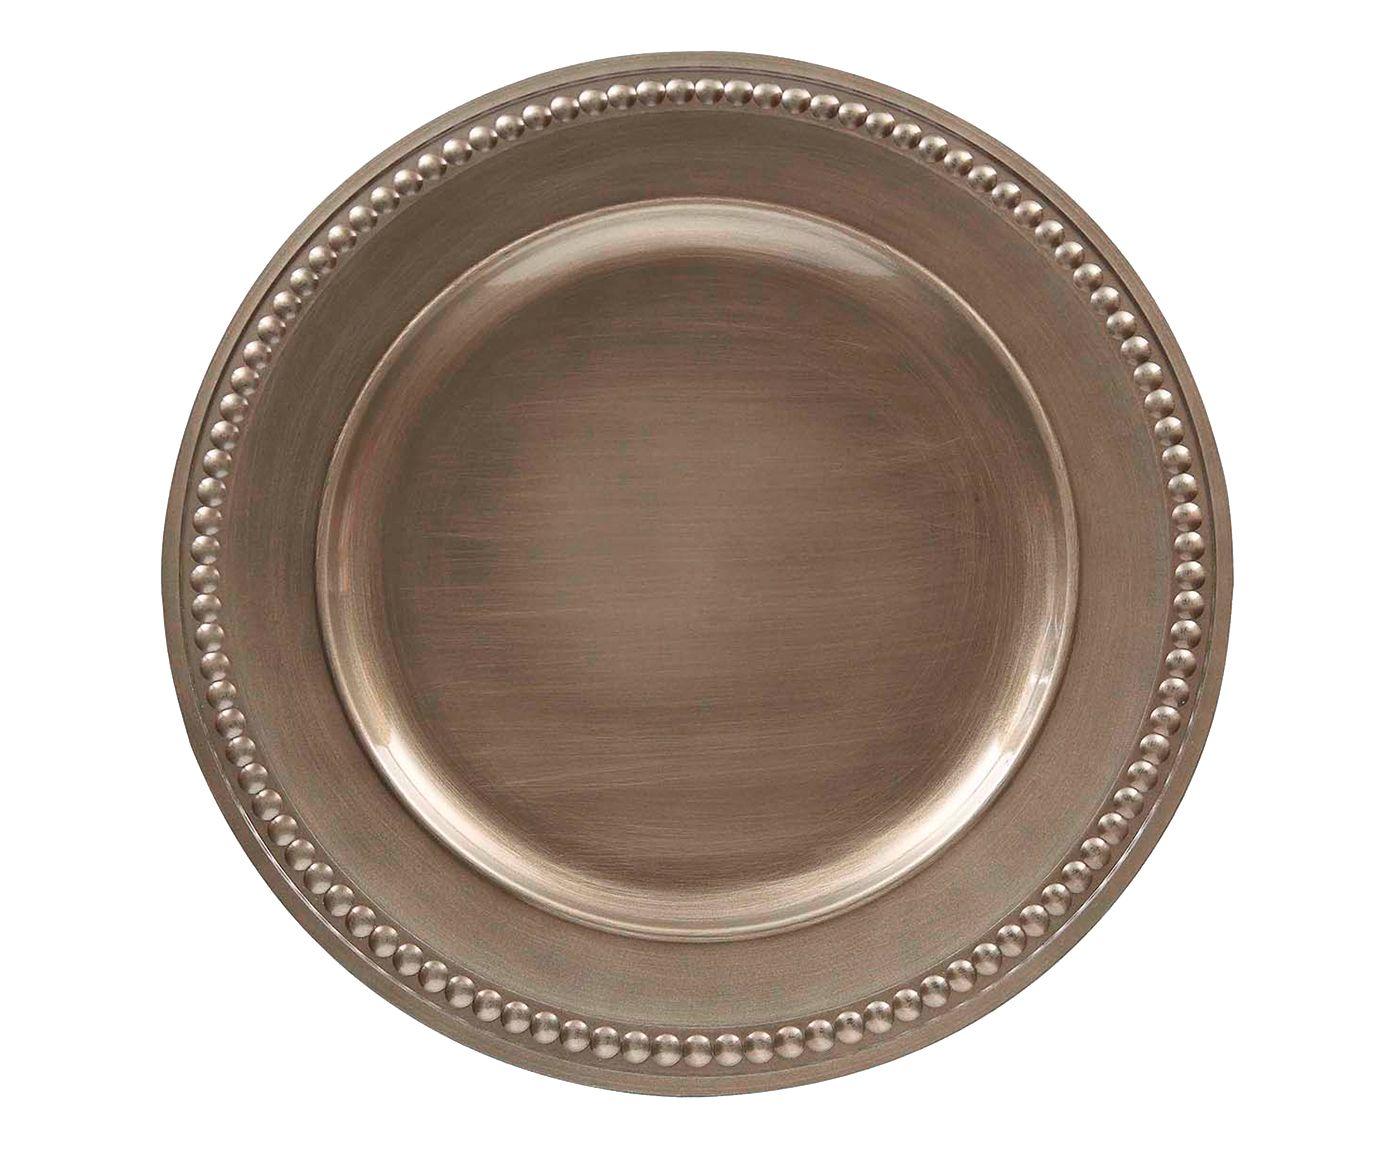 Sousplat Galles Dots Champanhe Antique - 38cm   Westwing.com.br